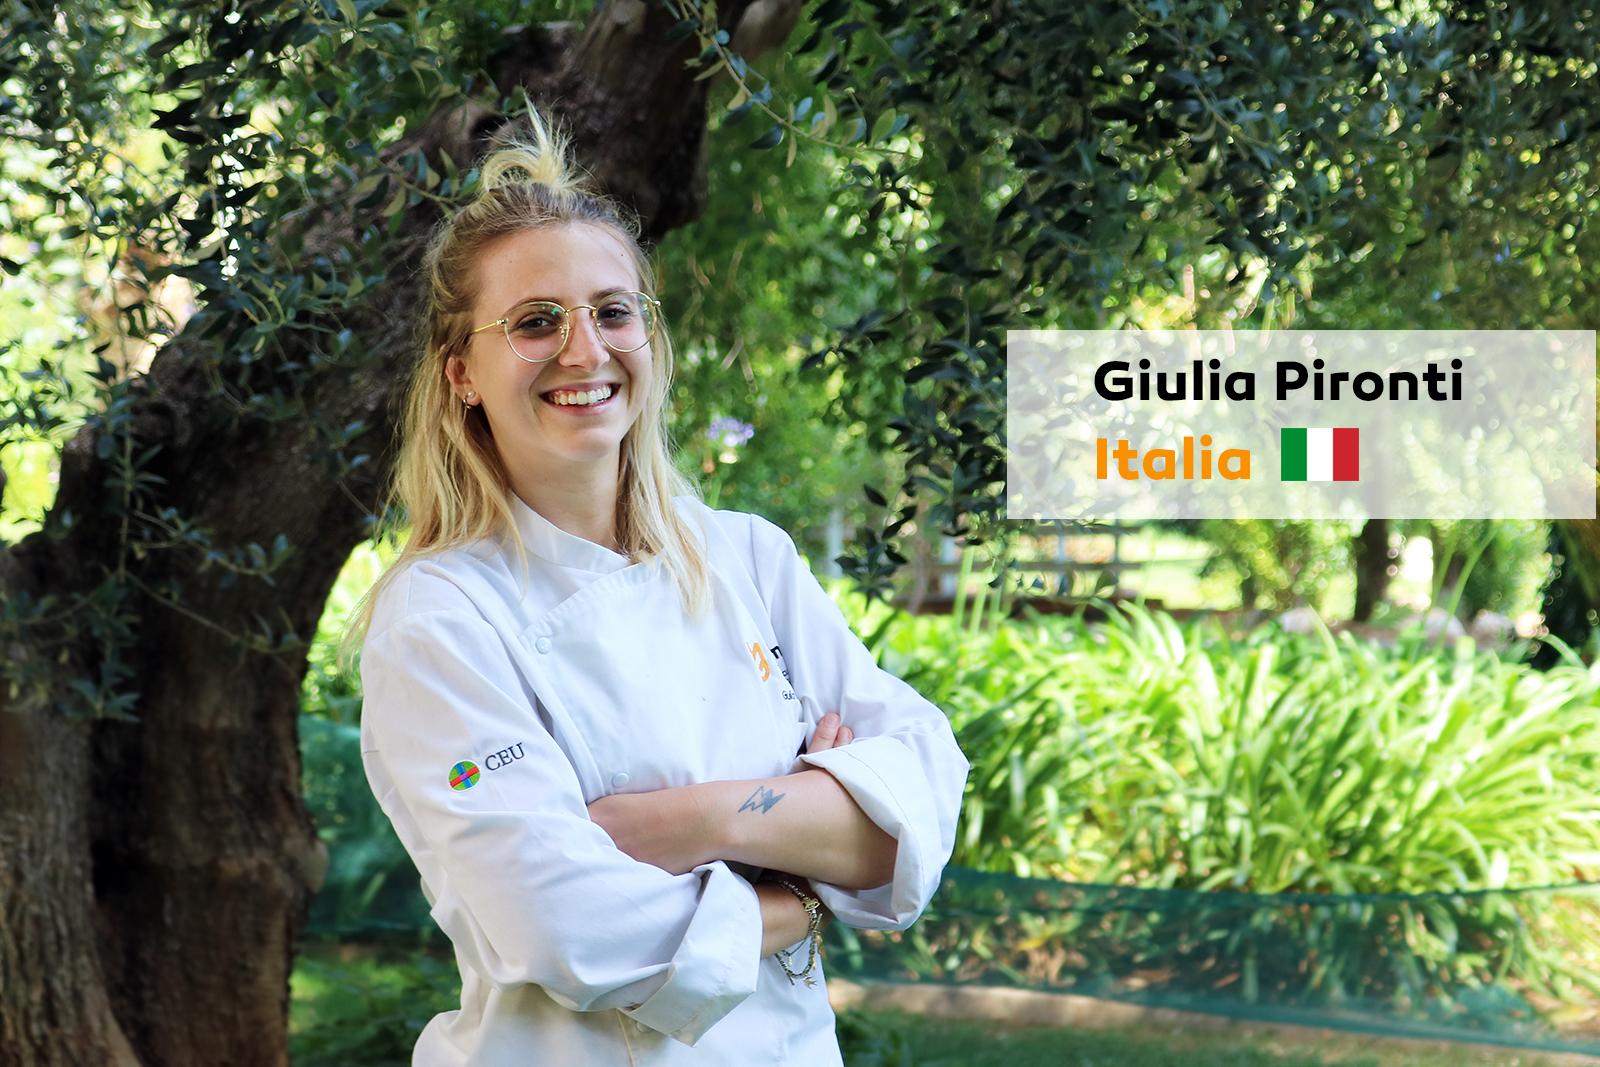 Giulia Pironti